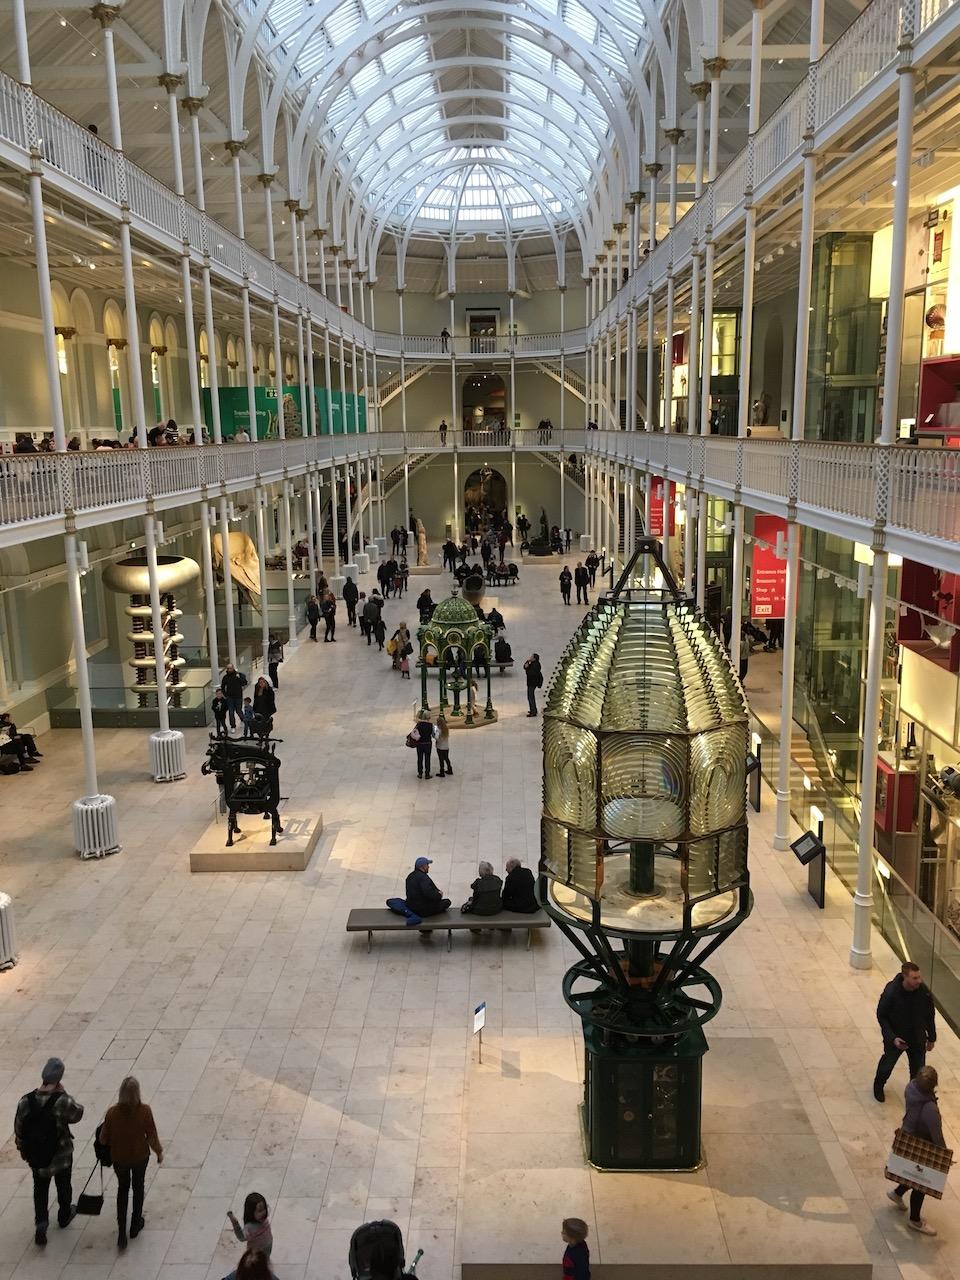 苏格兰国家博物馆内景